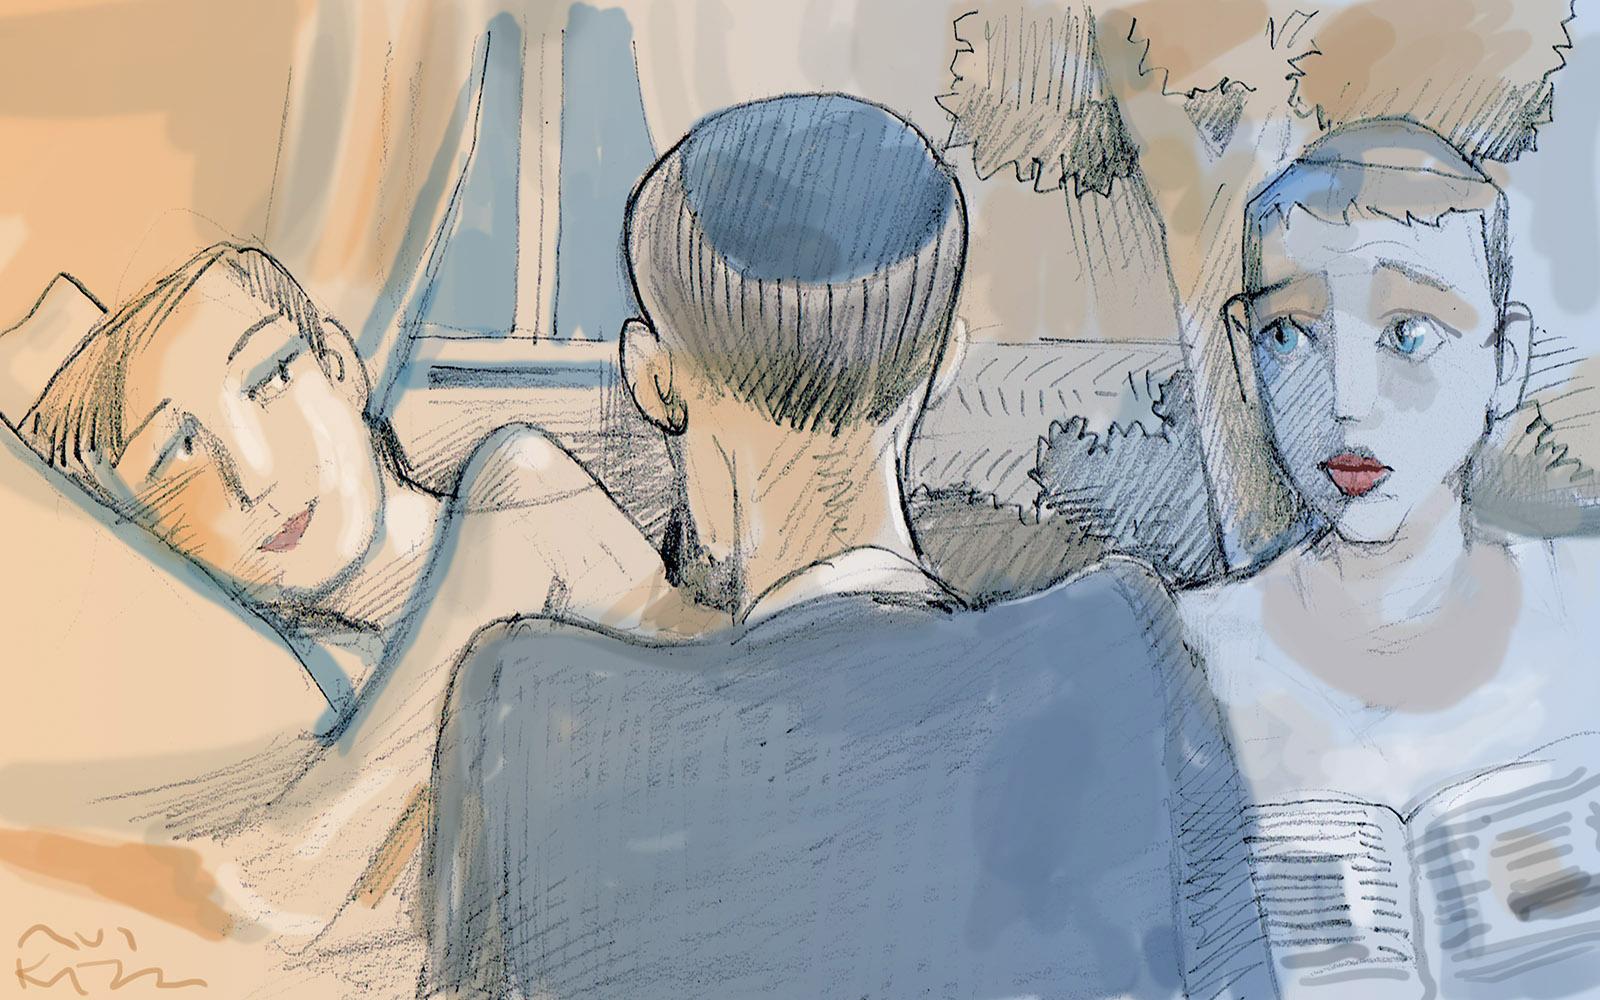 Illustration by Avi Katz